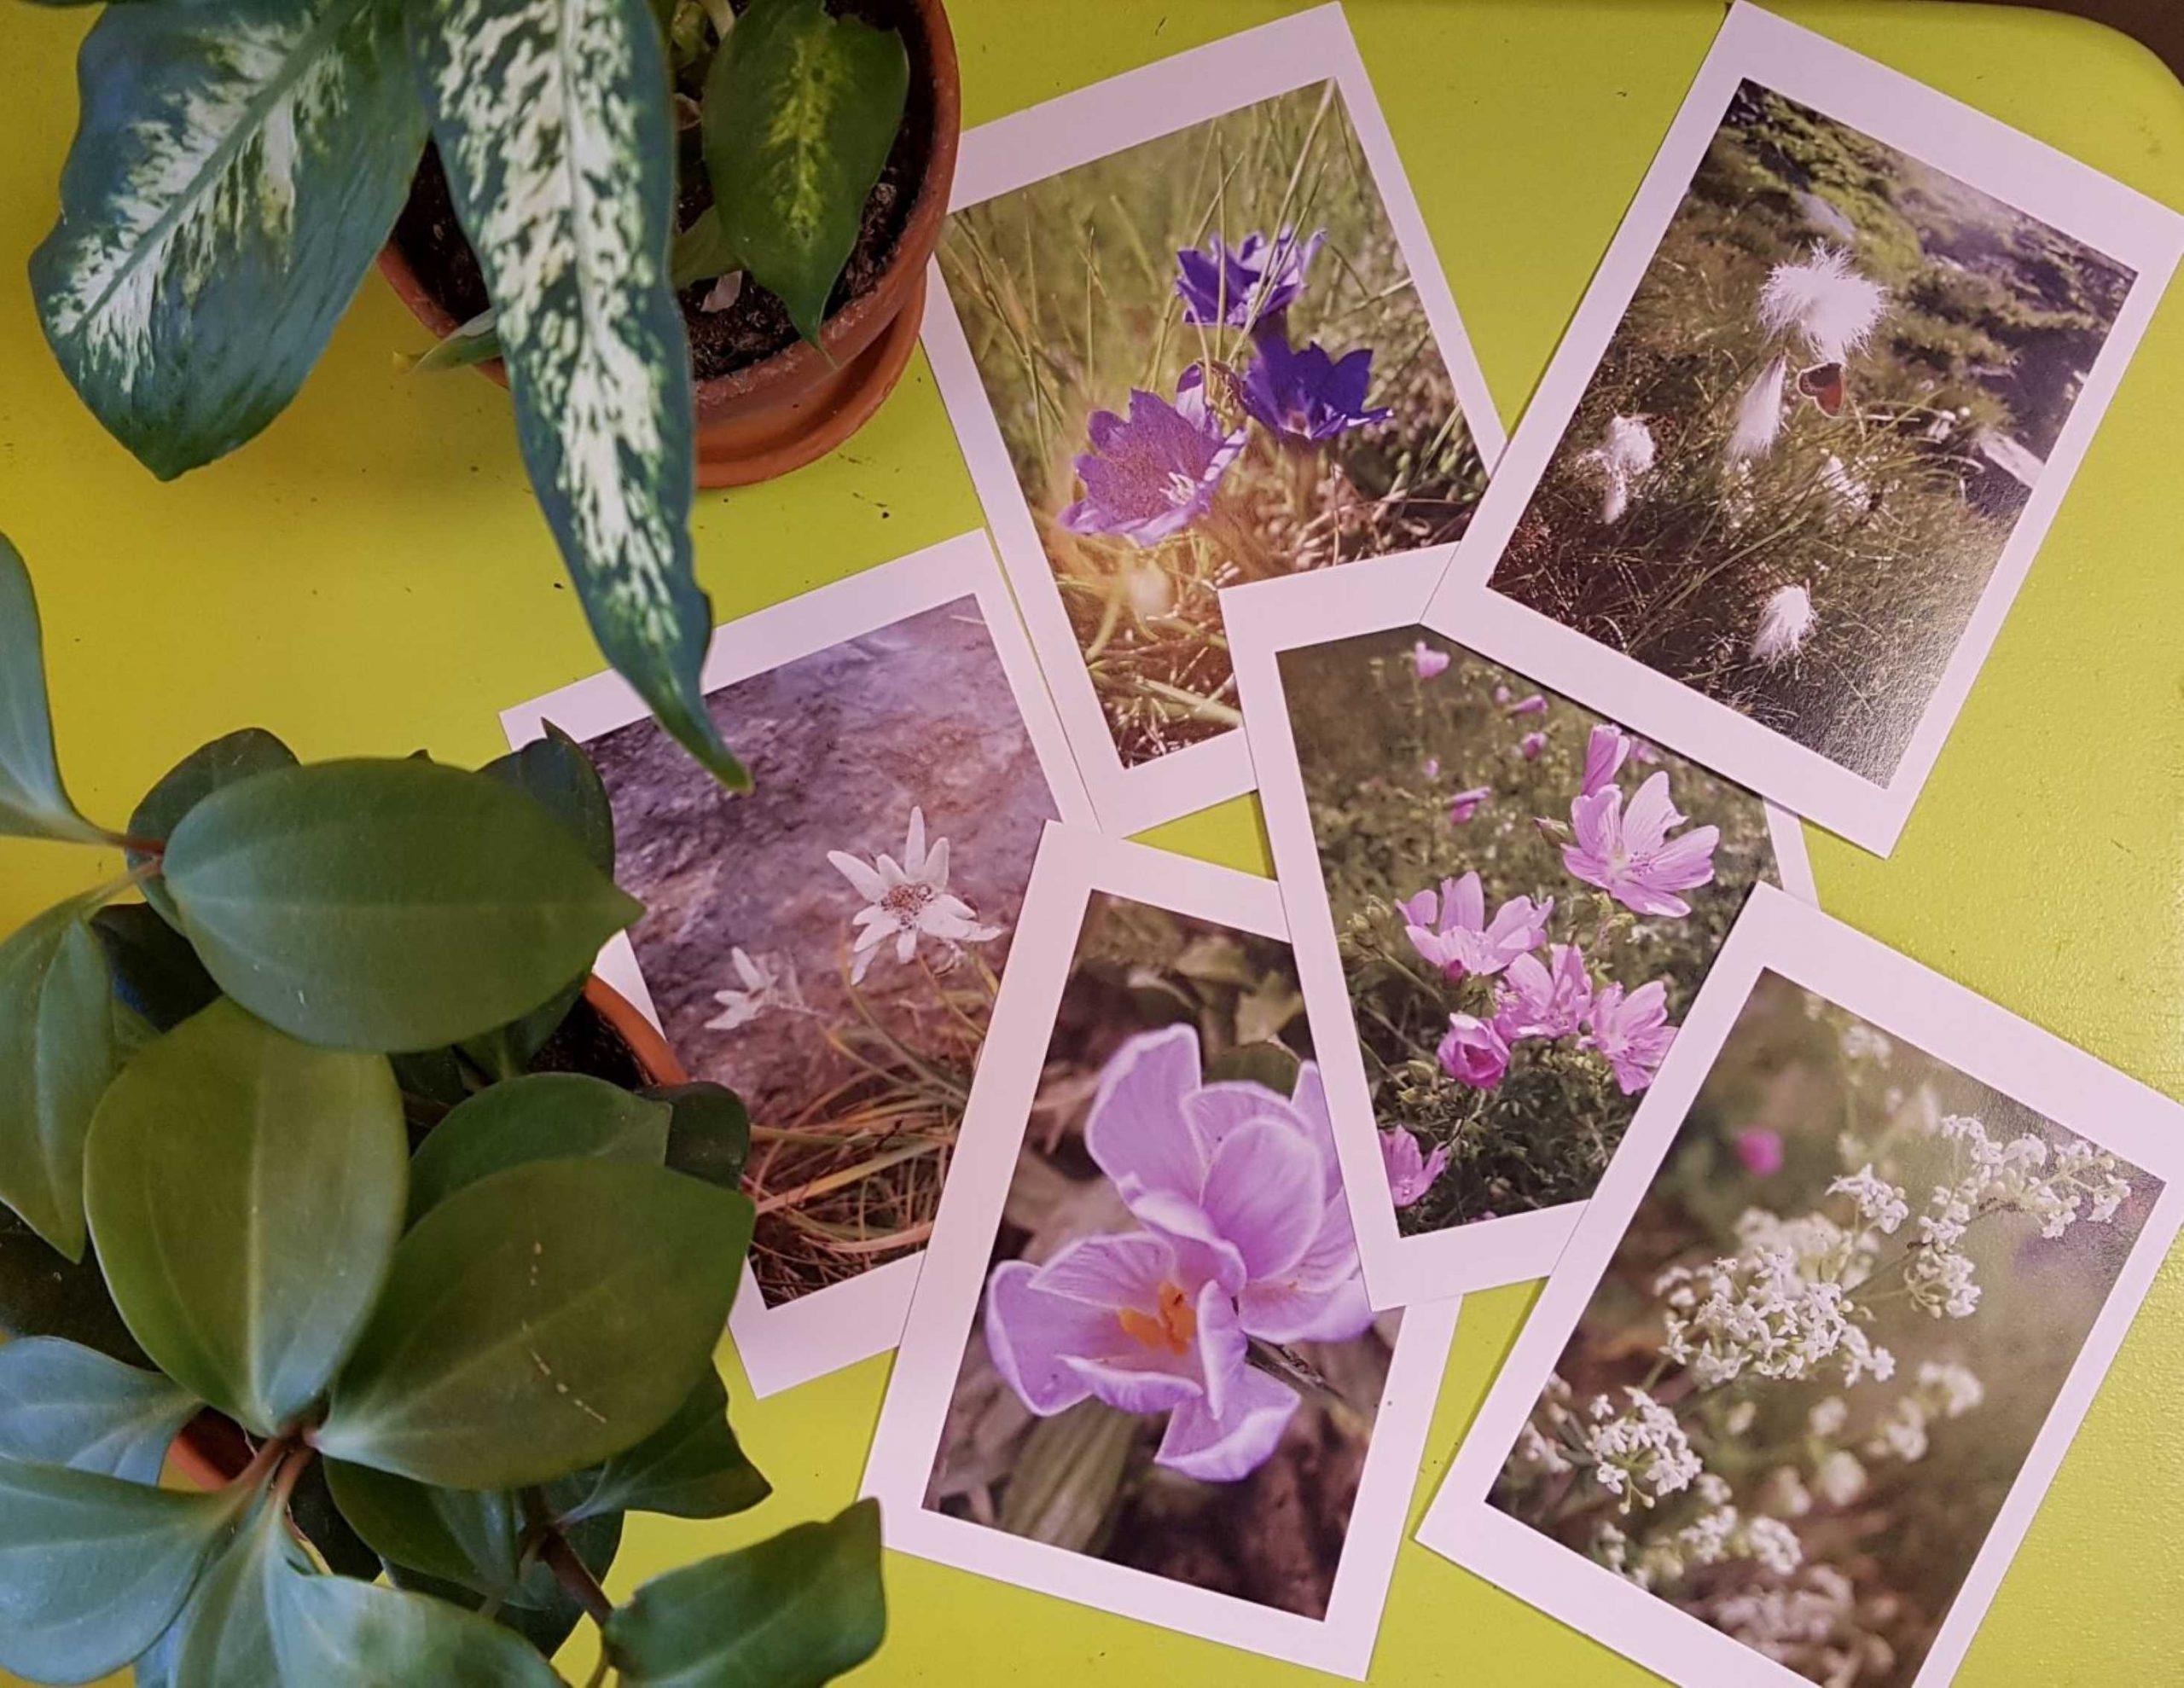 Cartes postales La lIbrai'bulles